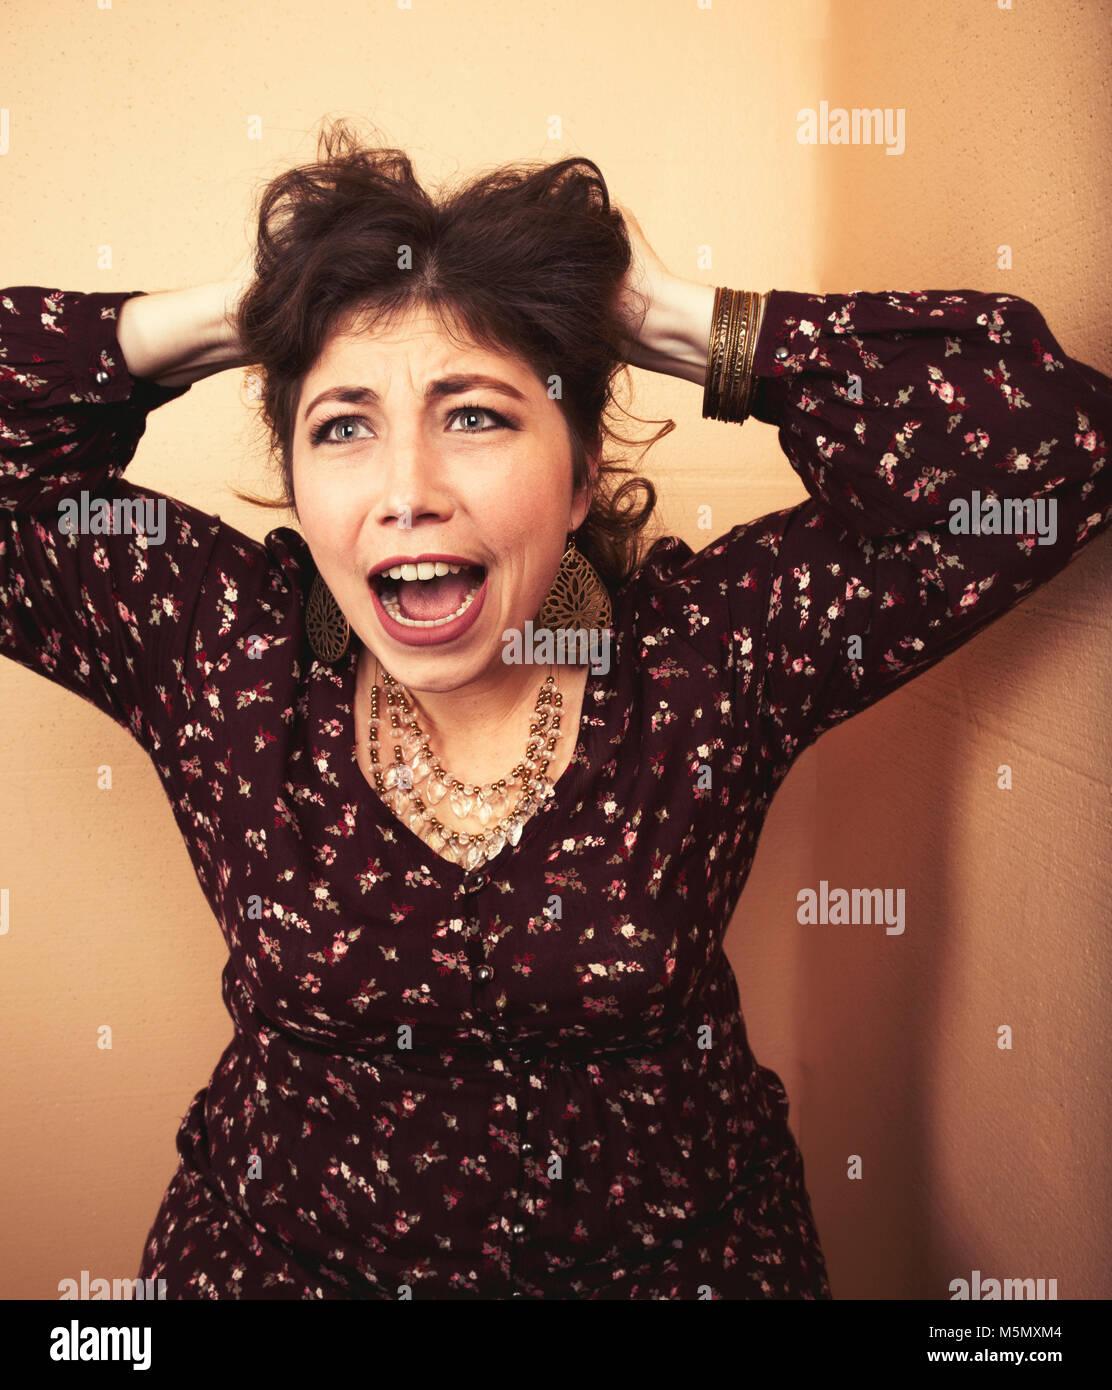 Mujer, tirando de sus cabellos y gritando. Imagen De Stock